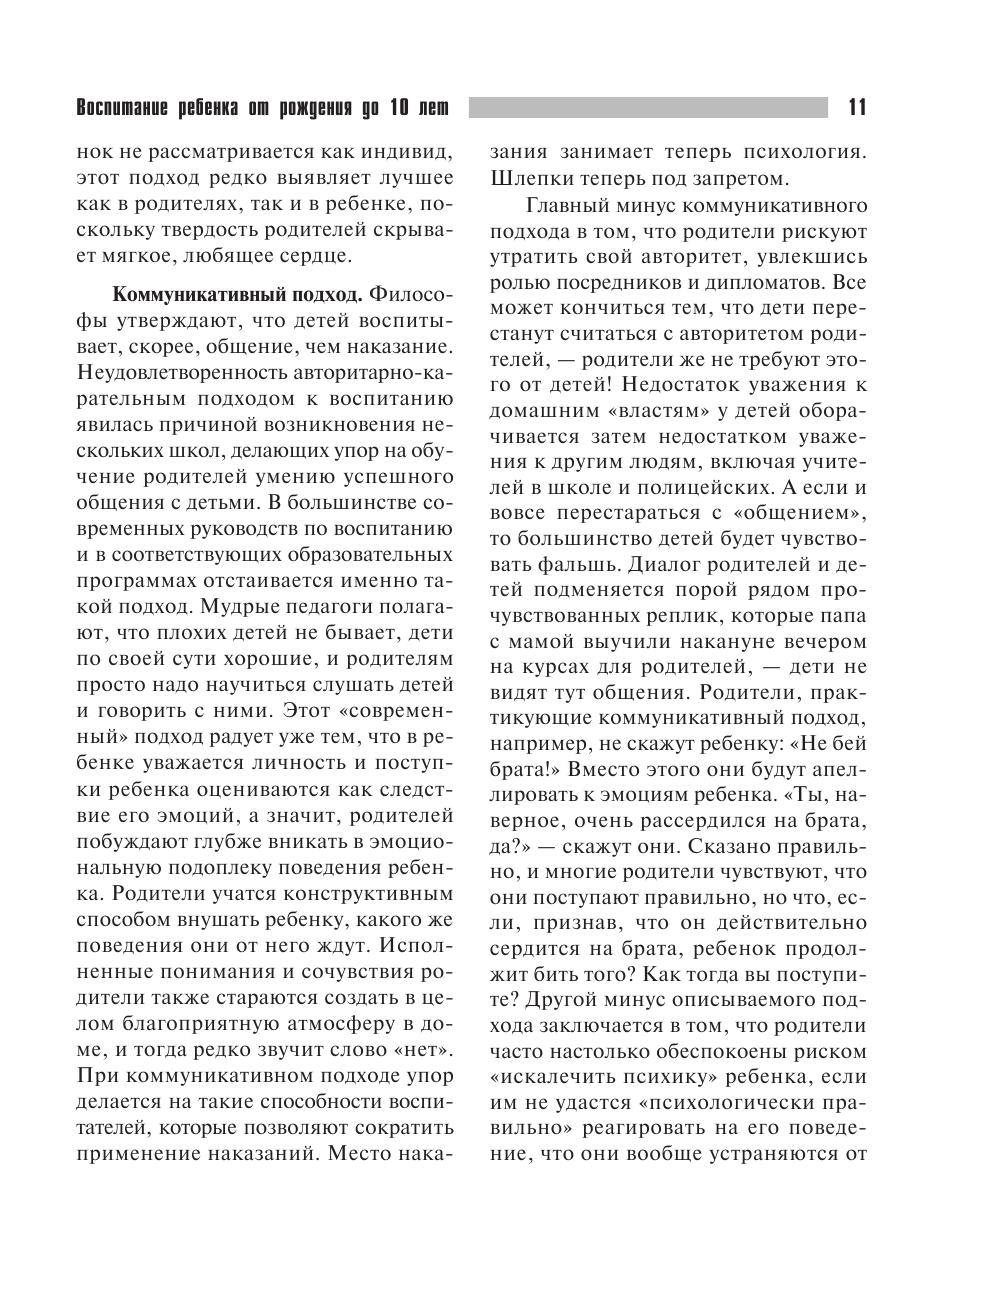 воспитание от 0 до 10 сирс pdf